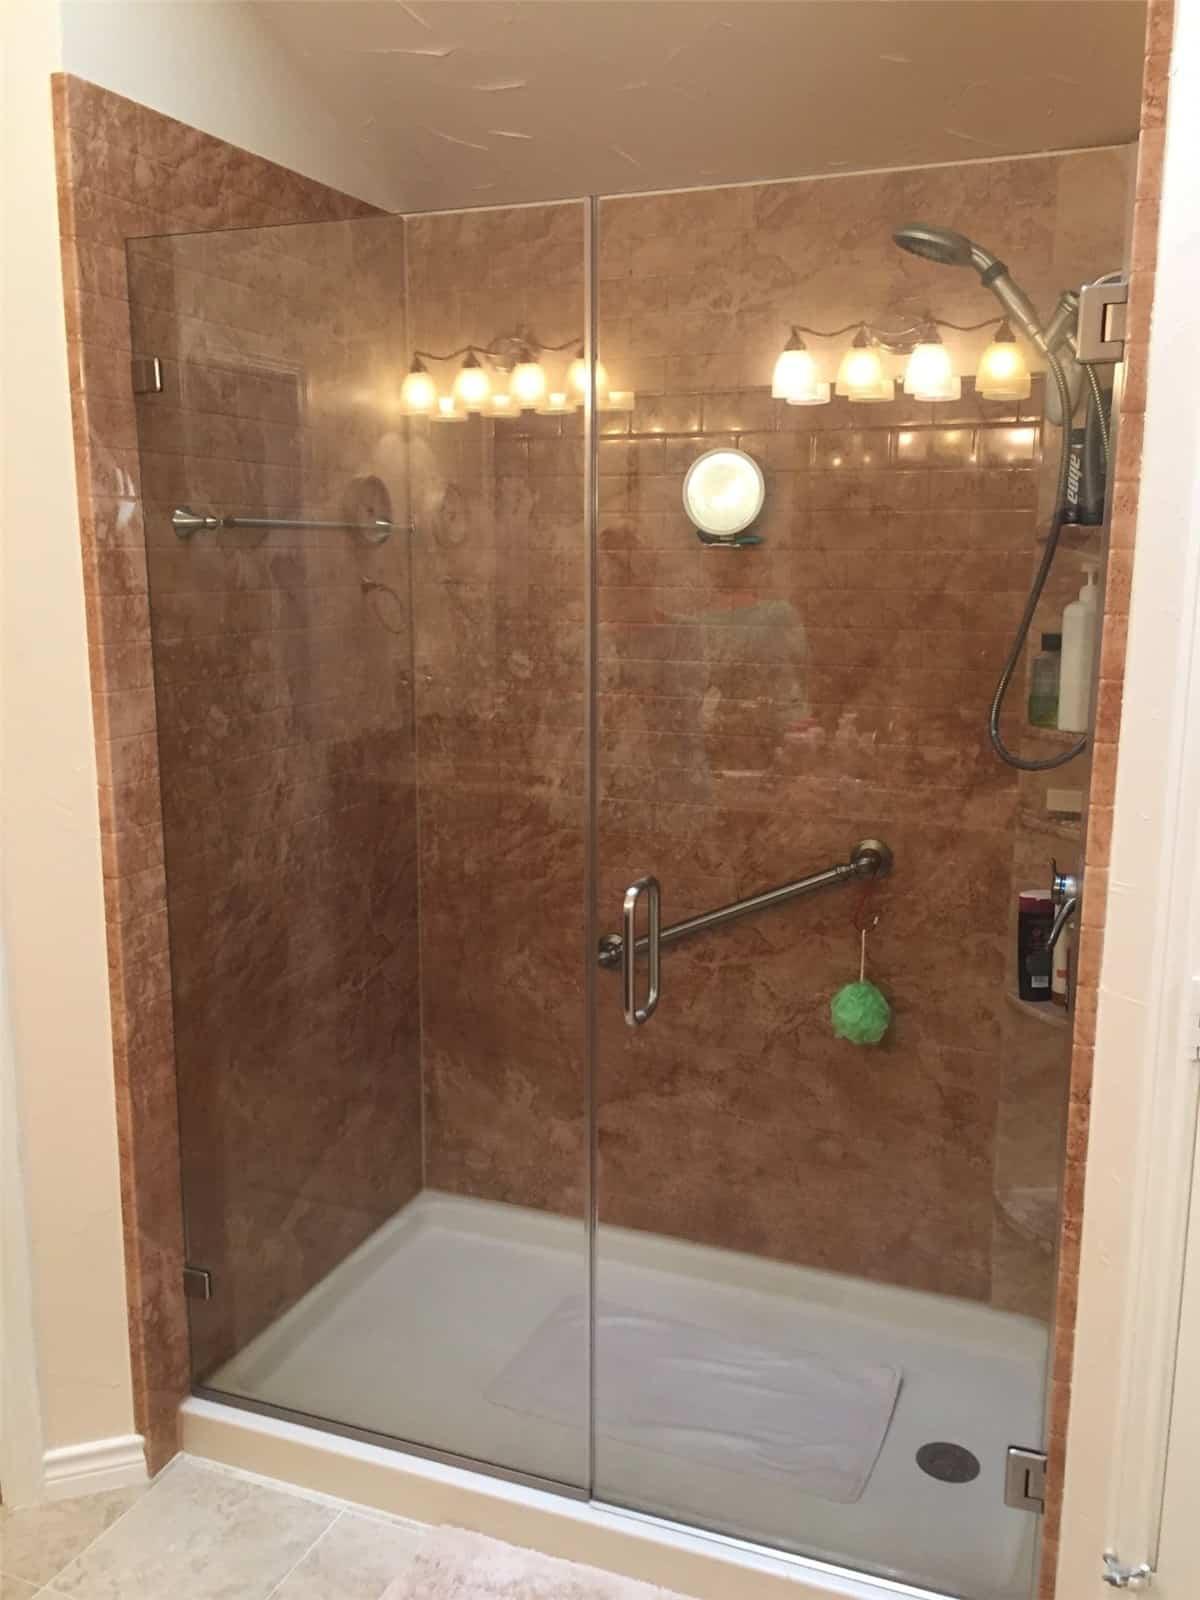 Shower Remodeling - after 3